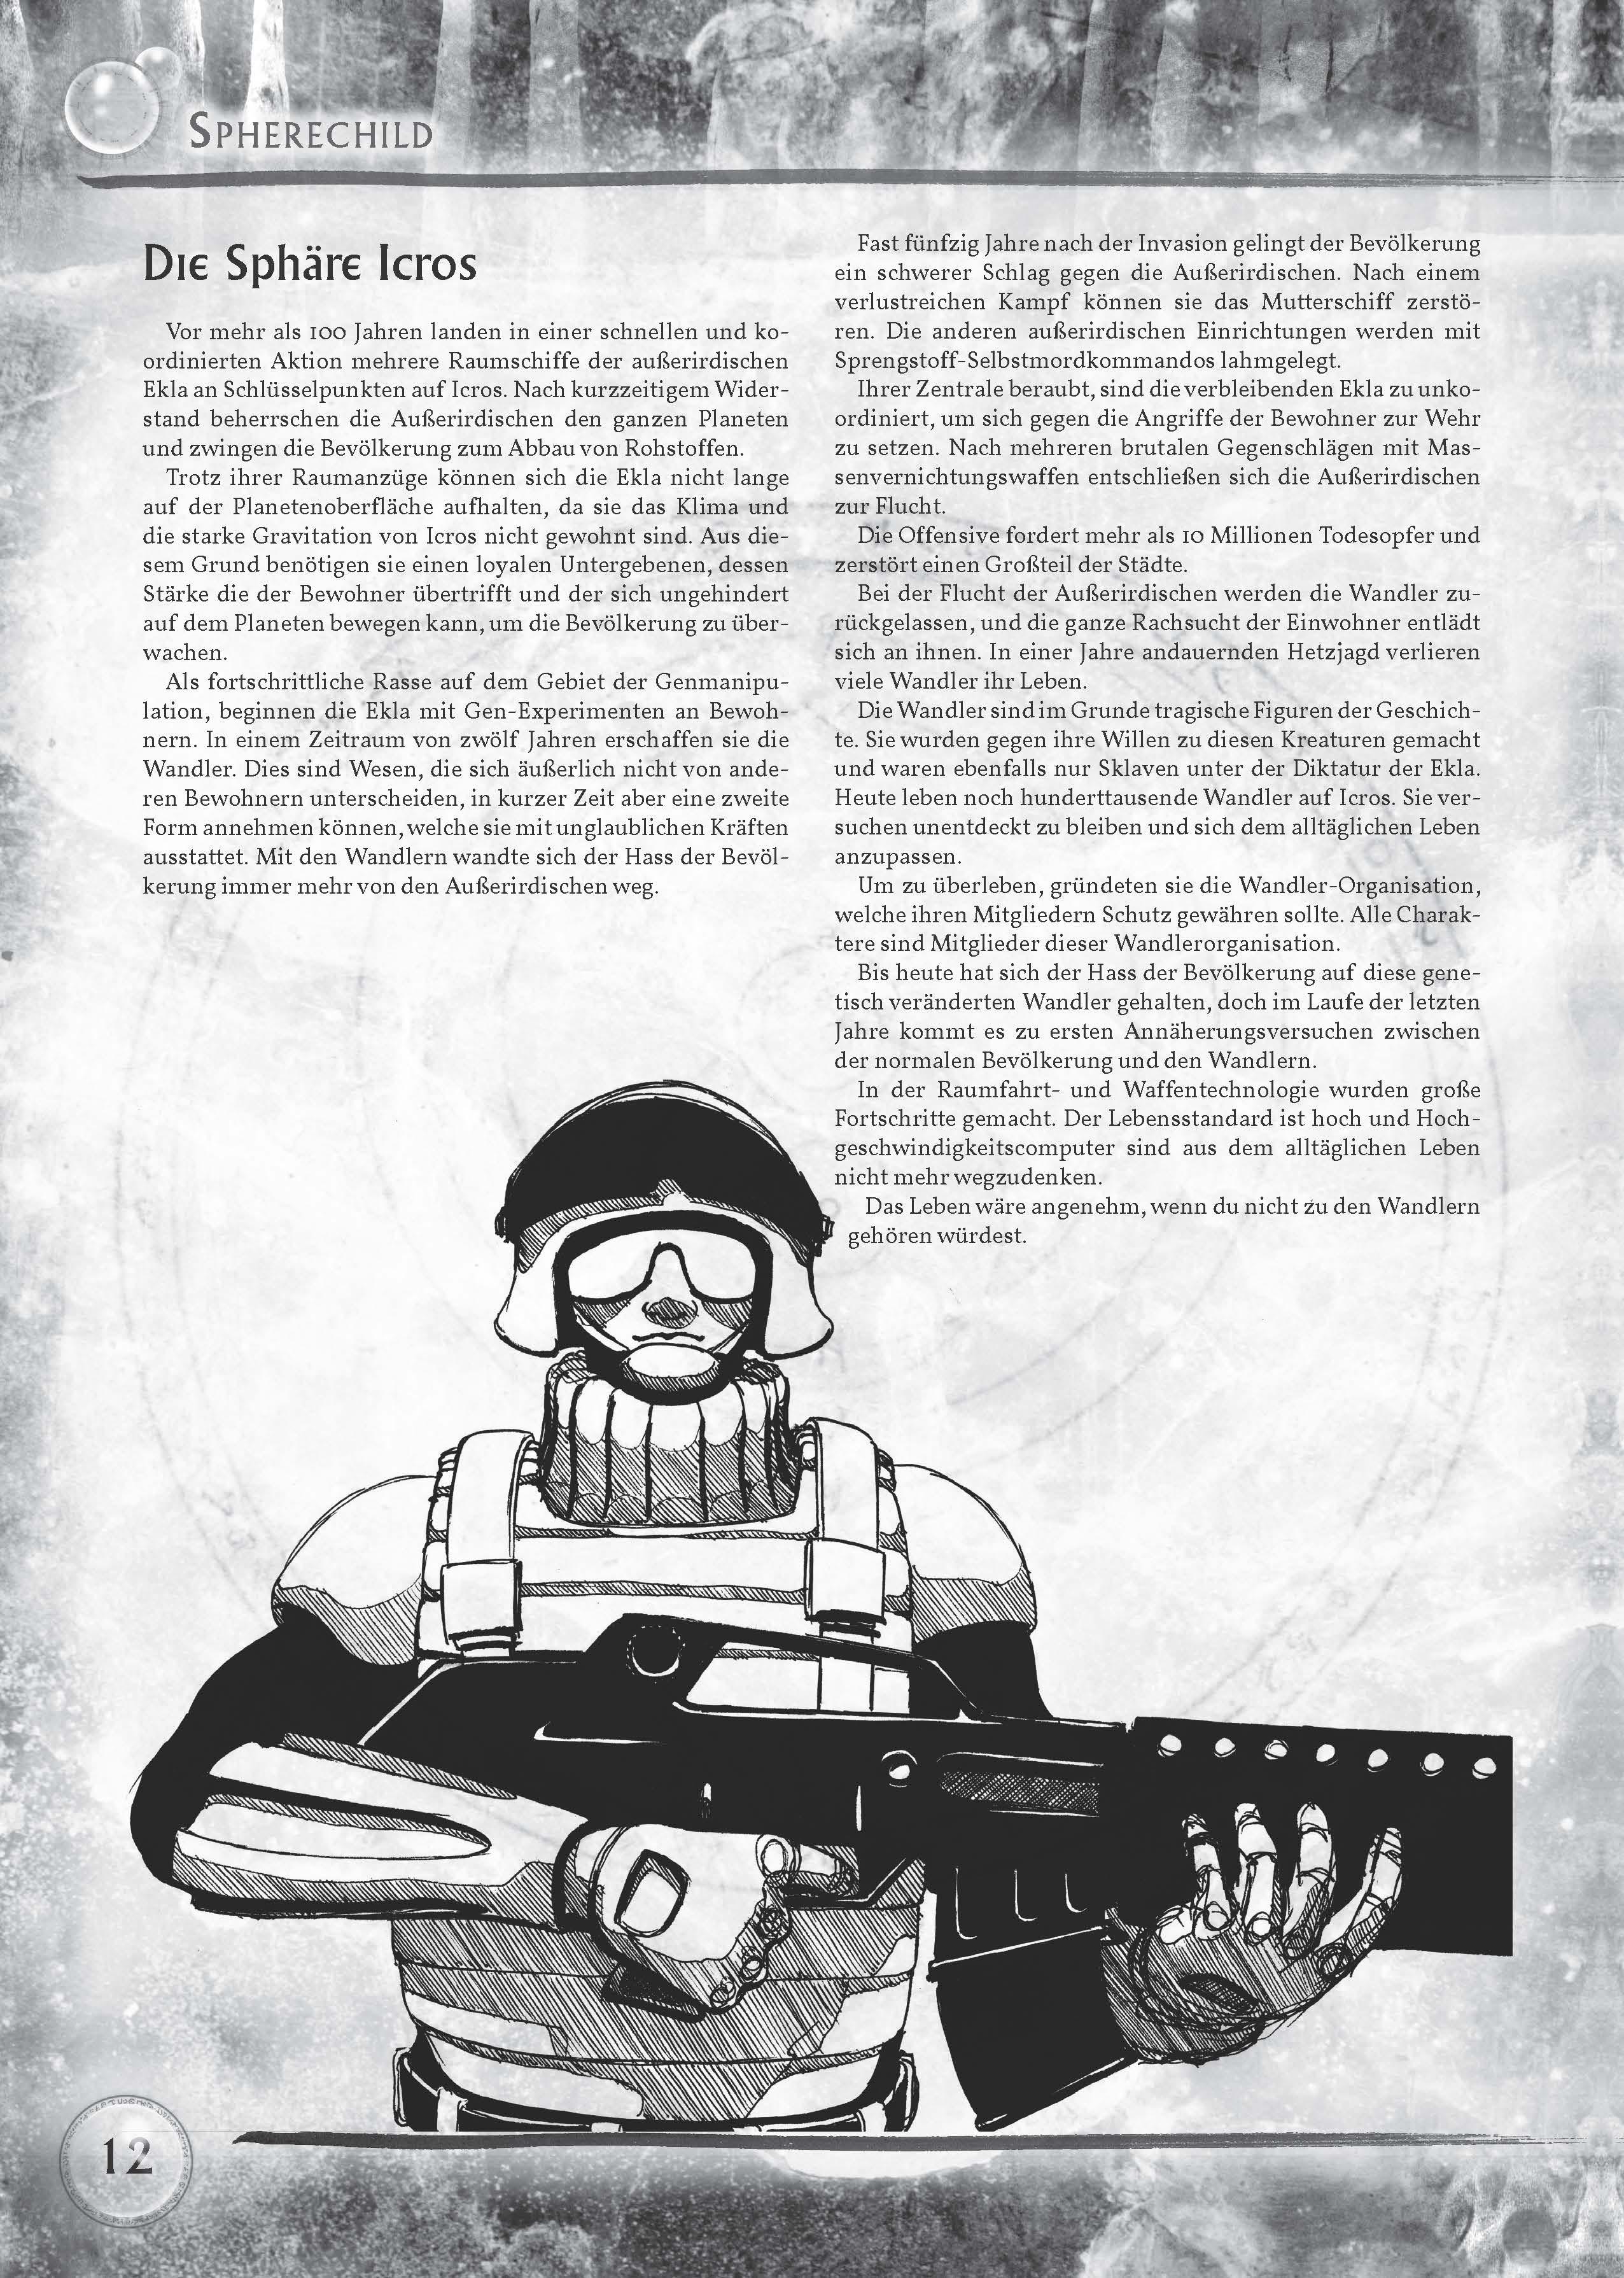 Spherechild-Spielbuch: Beispielseite